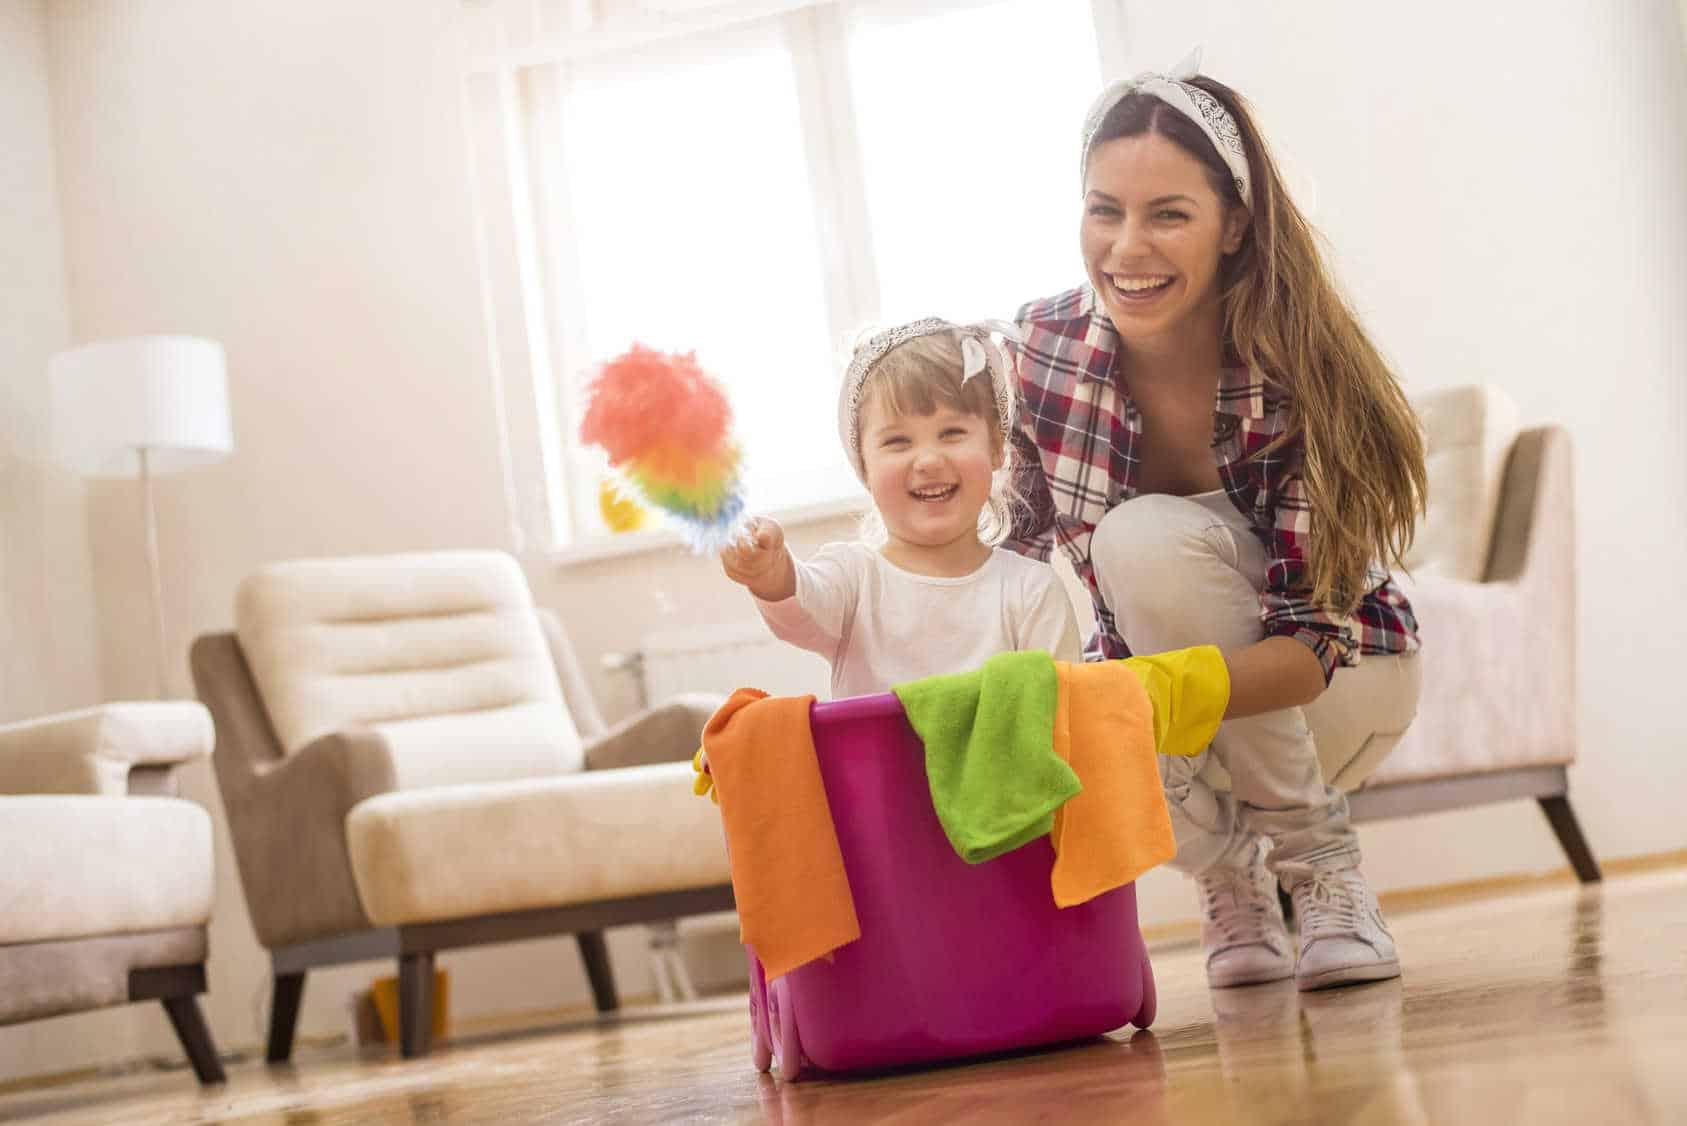 Wiosenne porządki bezpieczne dla dziecka